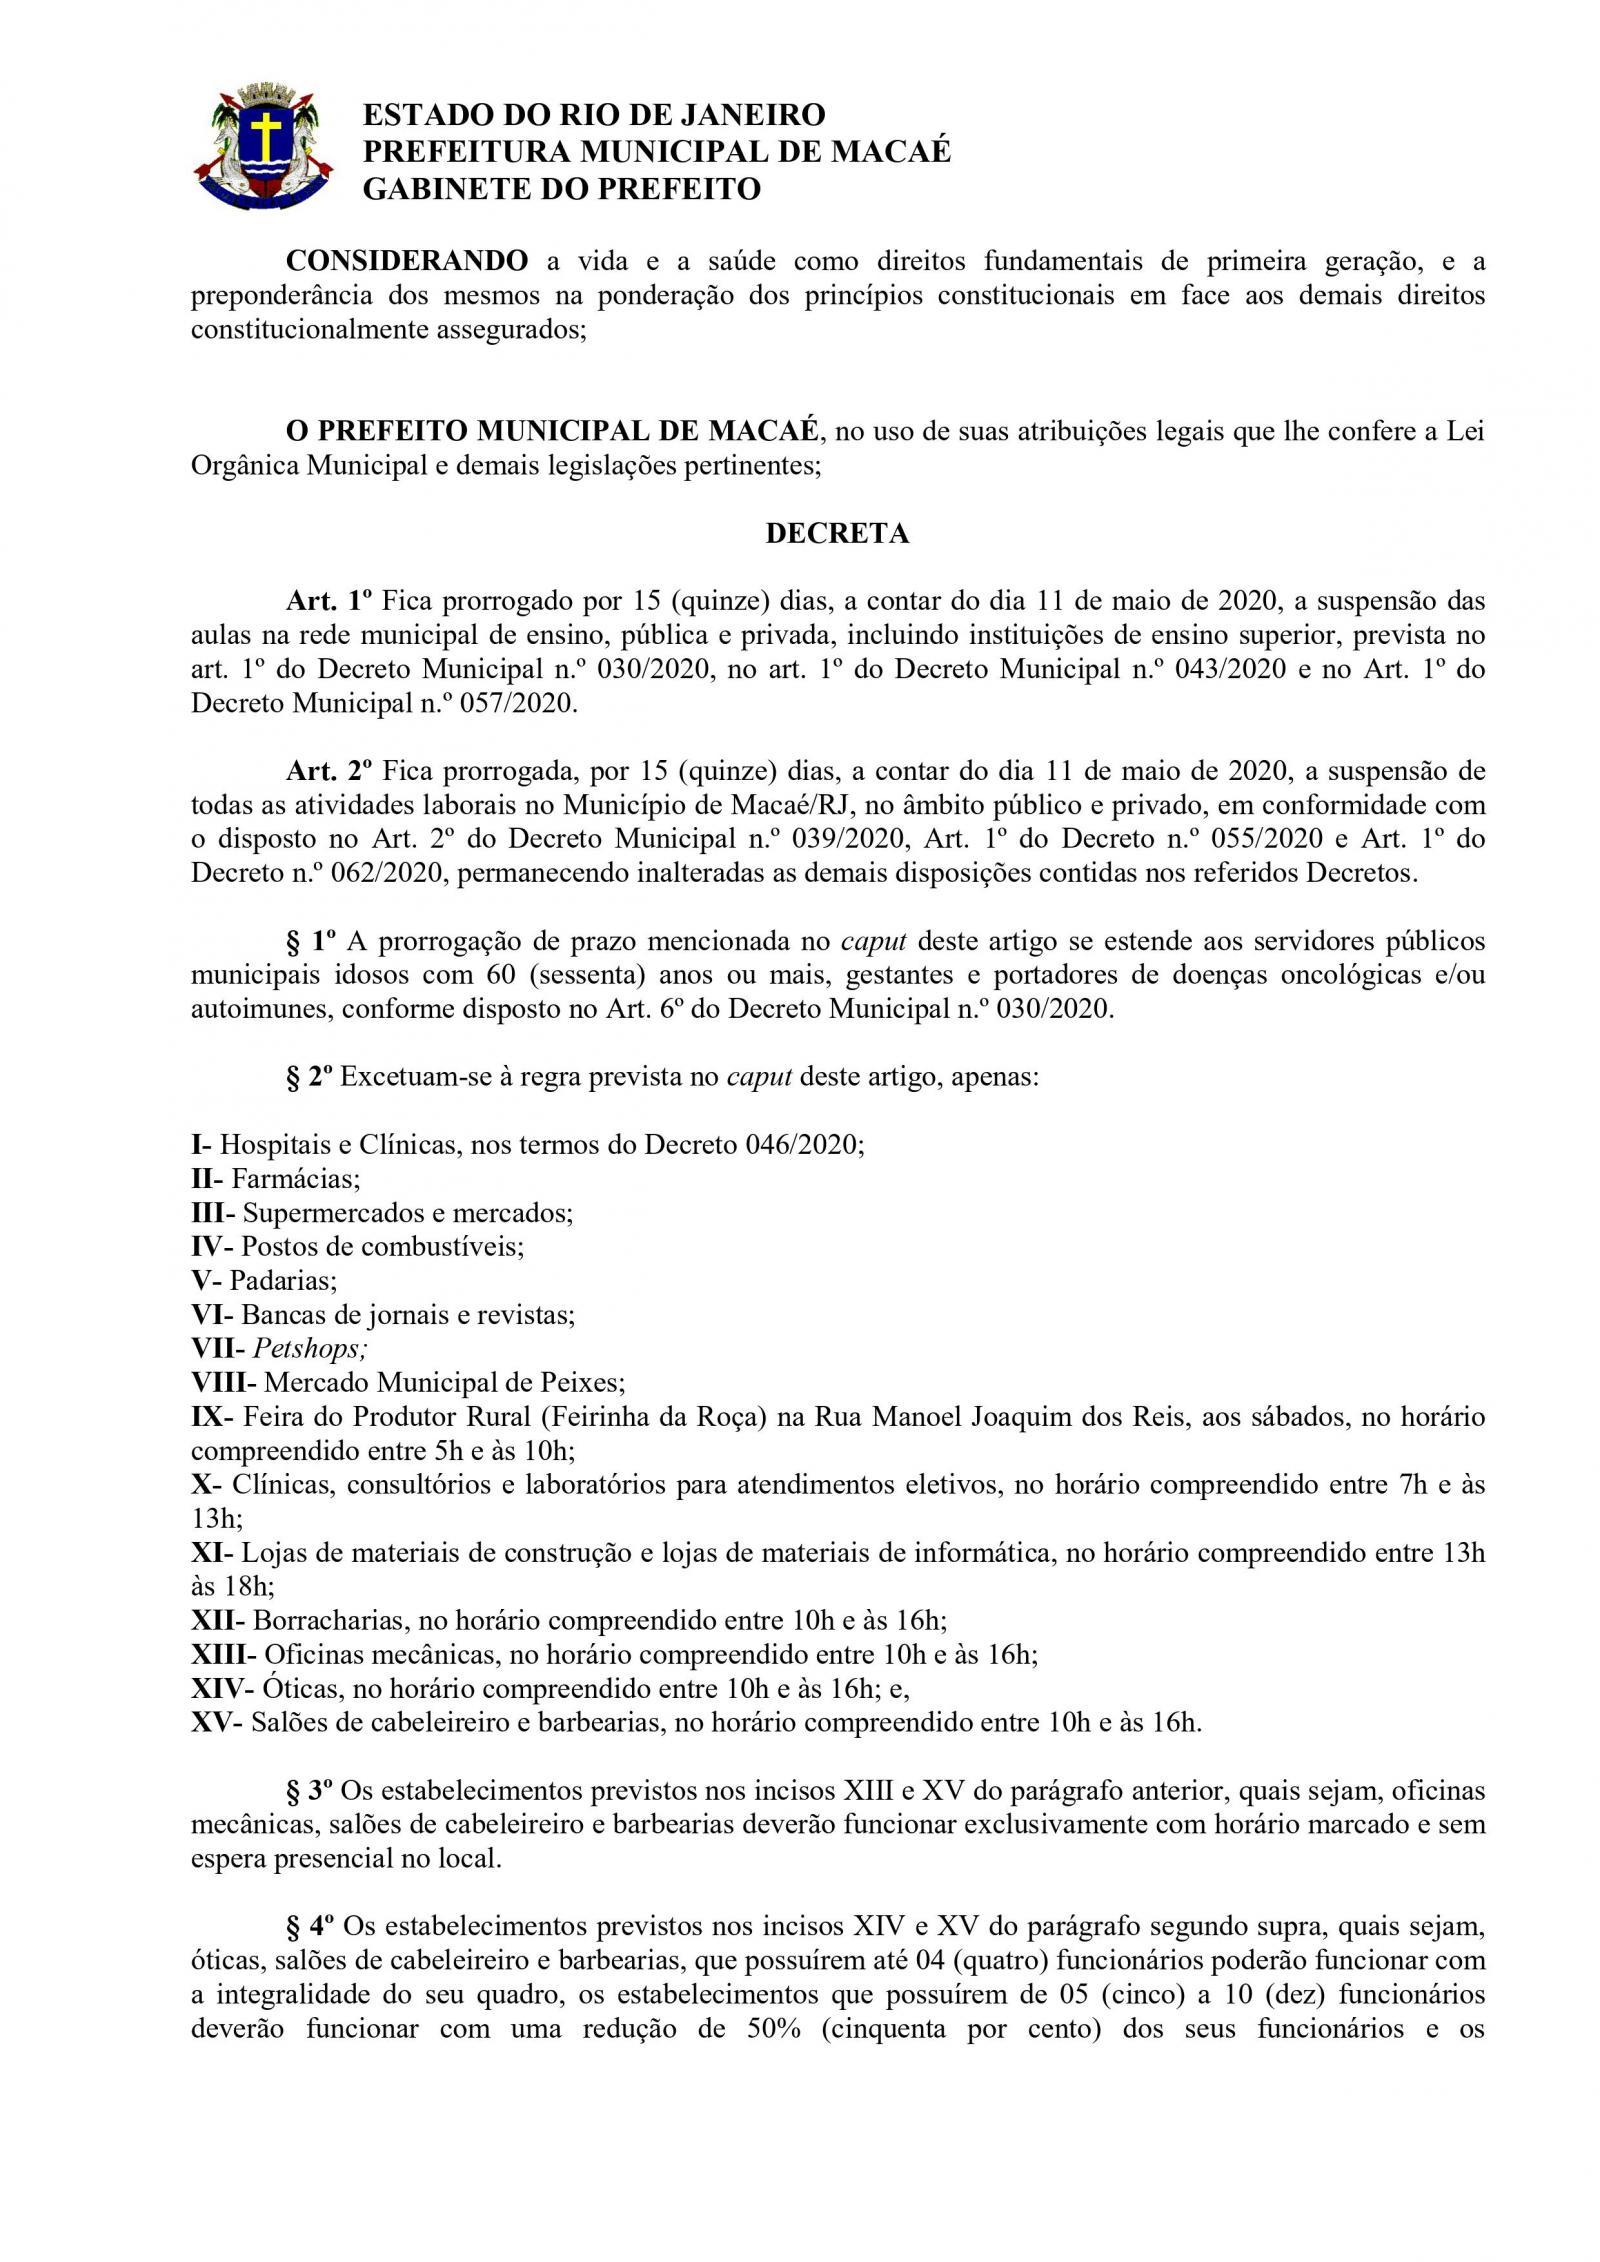 Decreto 057/2020 editado nesta quarta-feira (06) pela Prefeitura de Macaé, prorroga a suspenção das atividades laborais